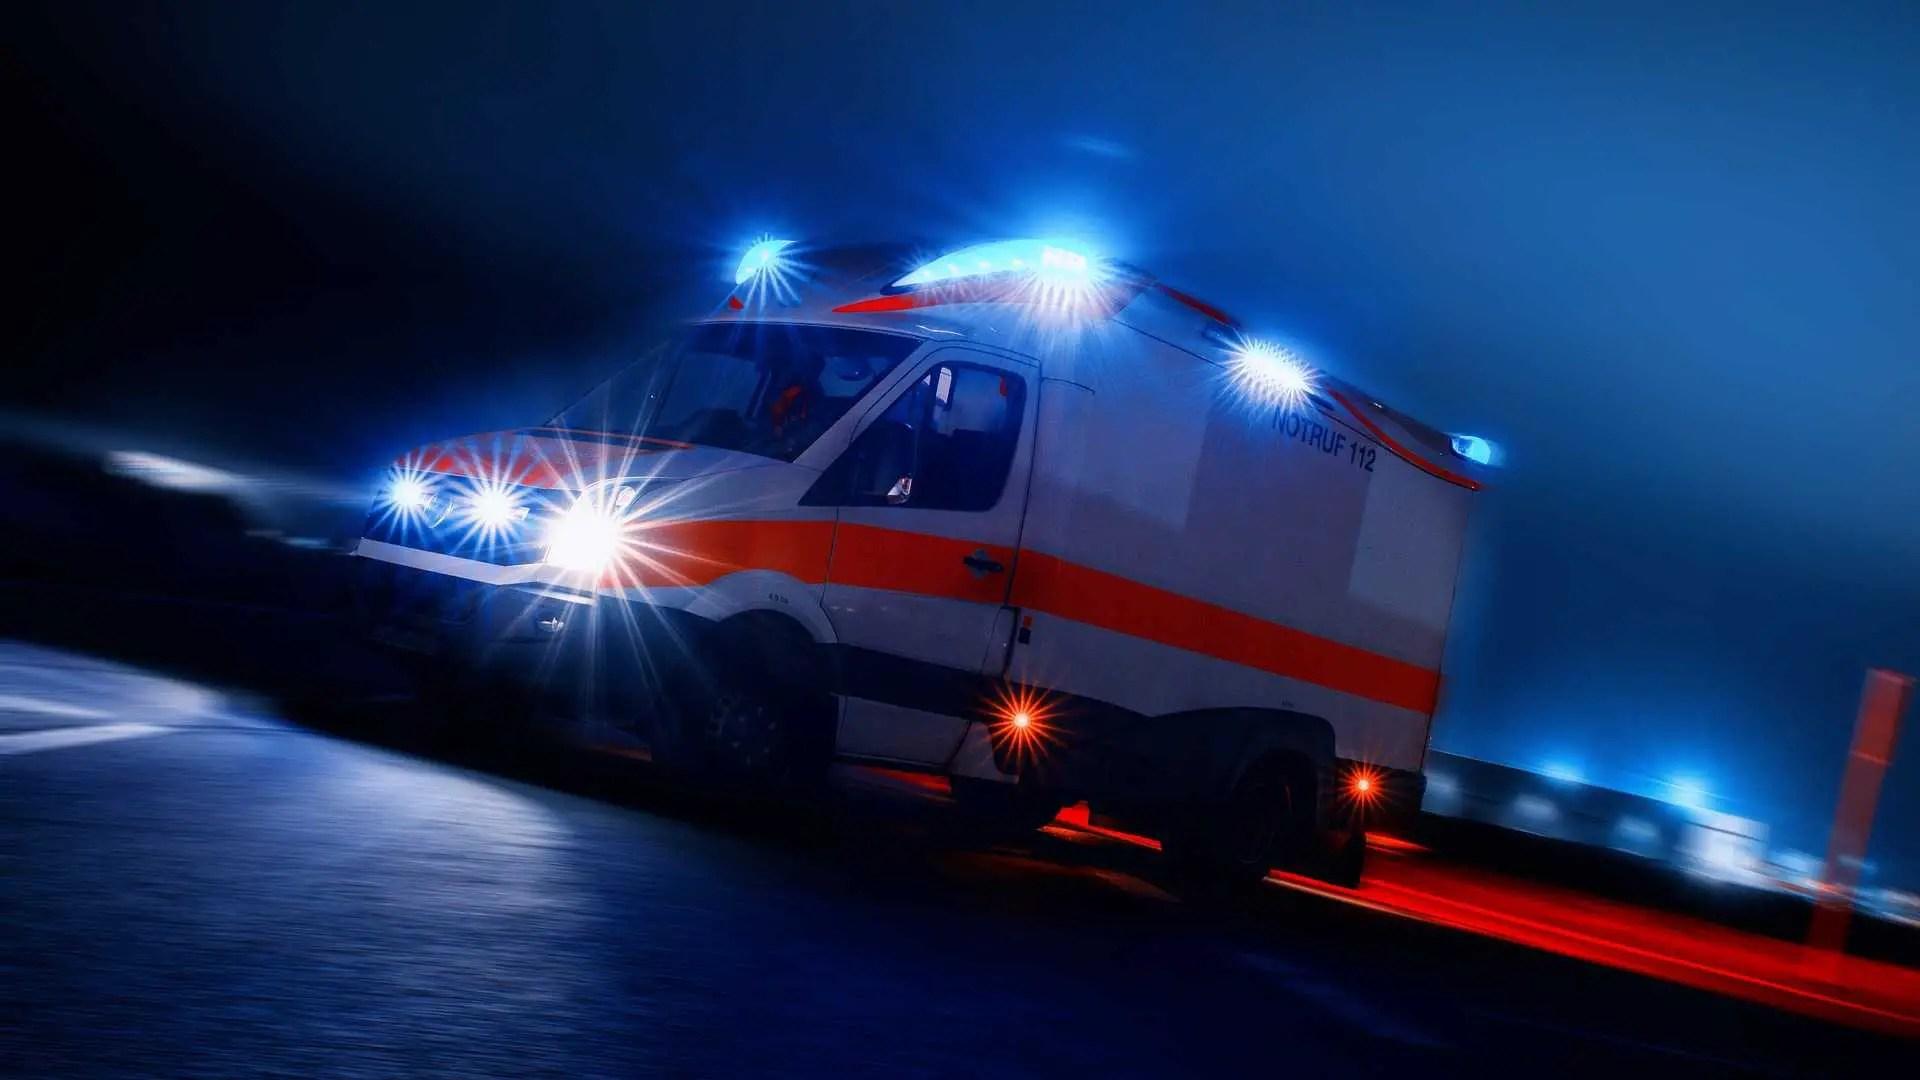 Rettungswagen mit eingeschaltetem Blaulicht